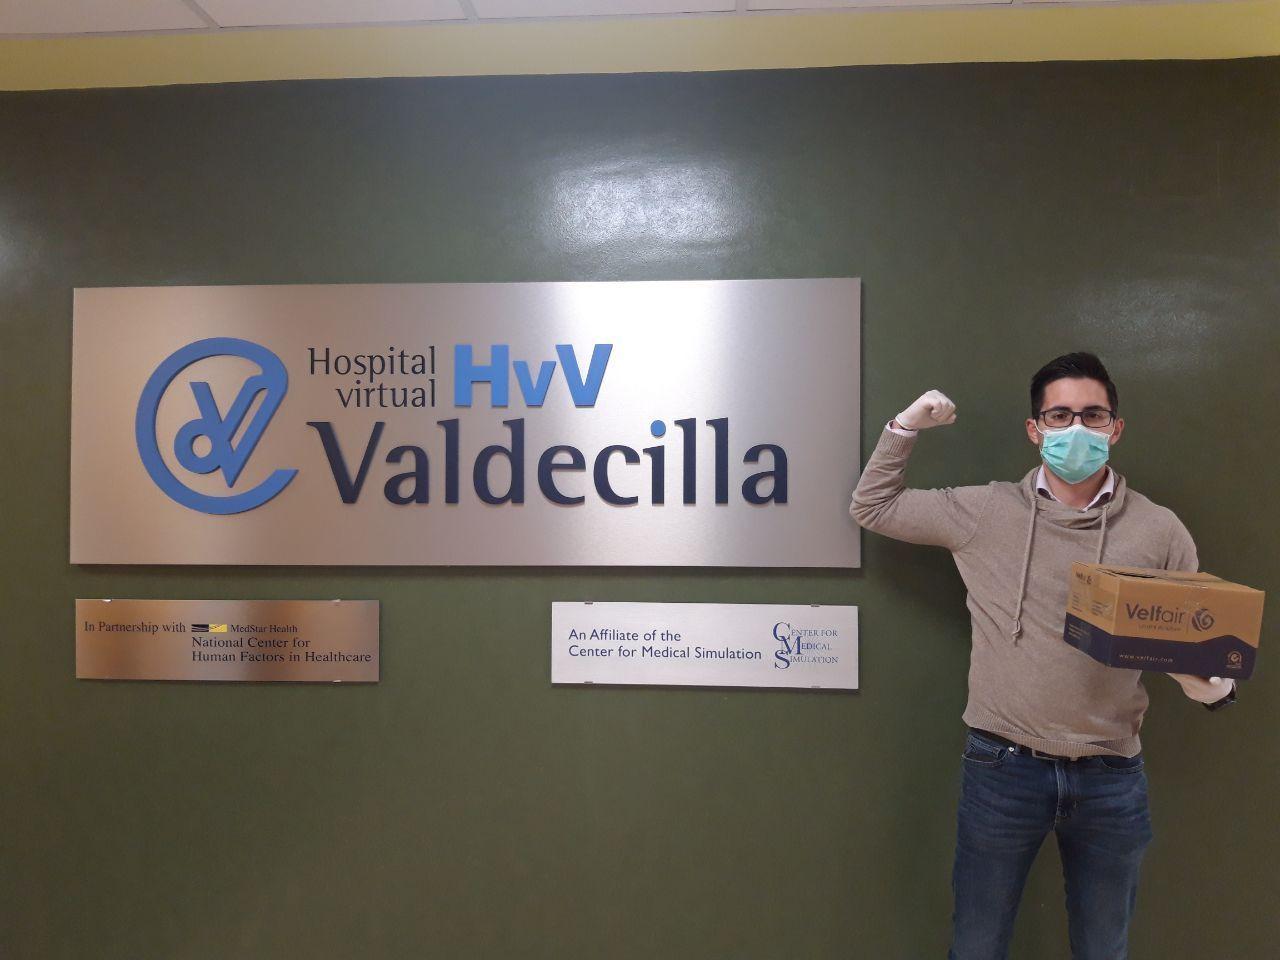 protectores faciales velfair valdecilla covid19